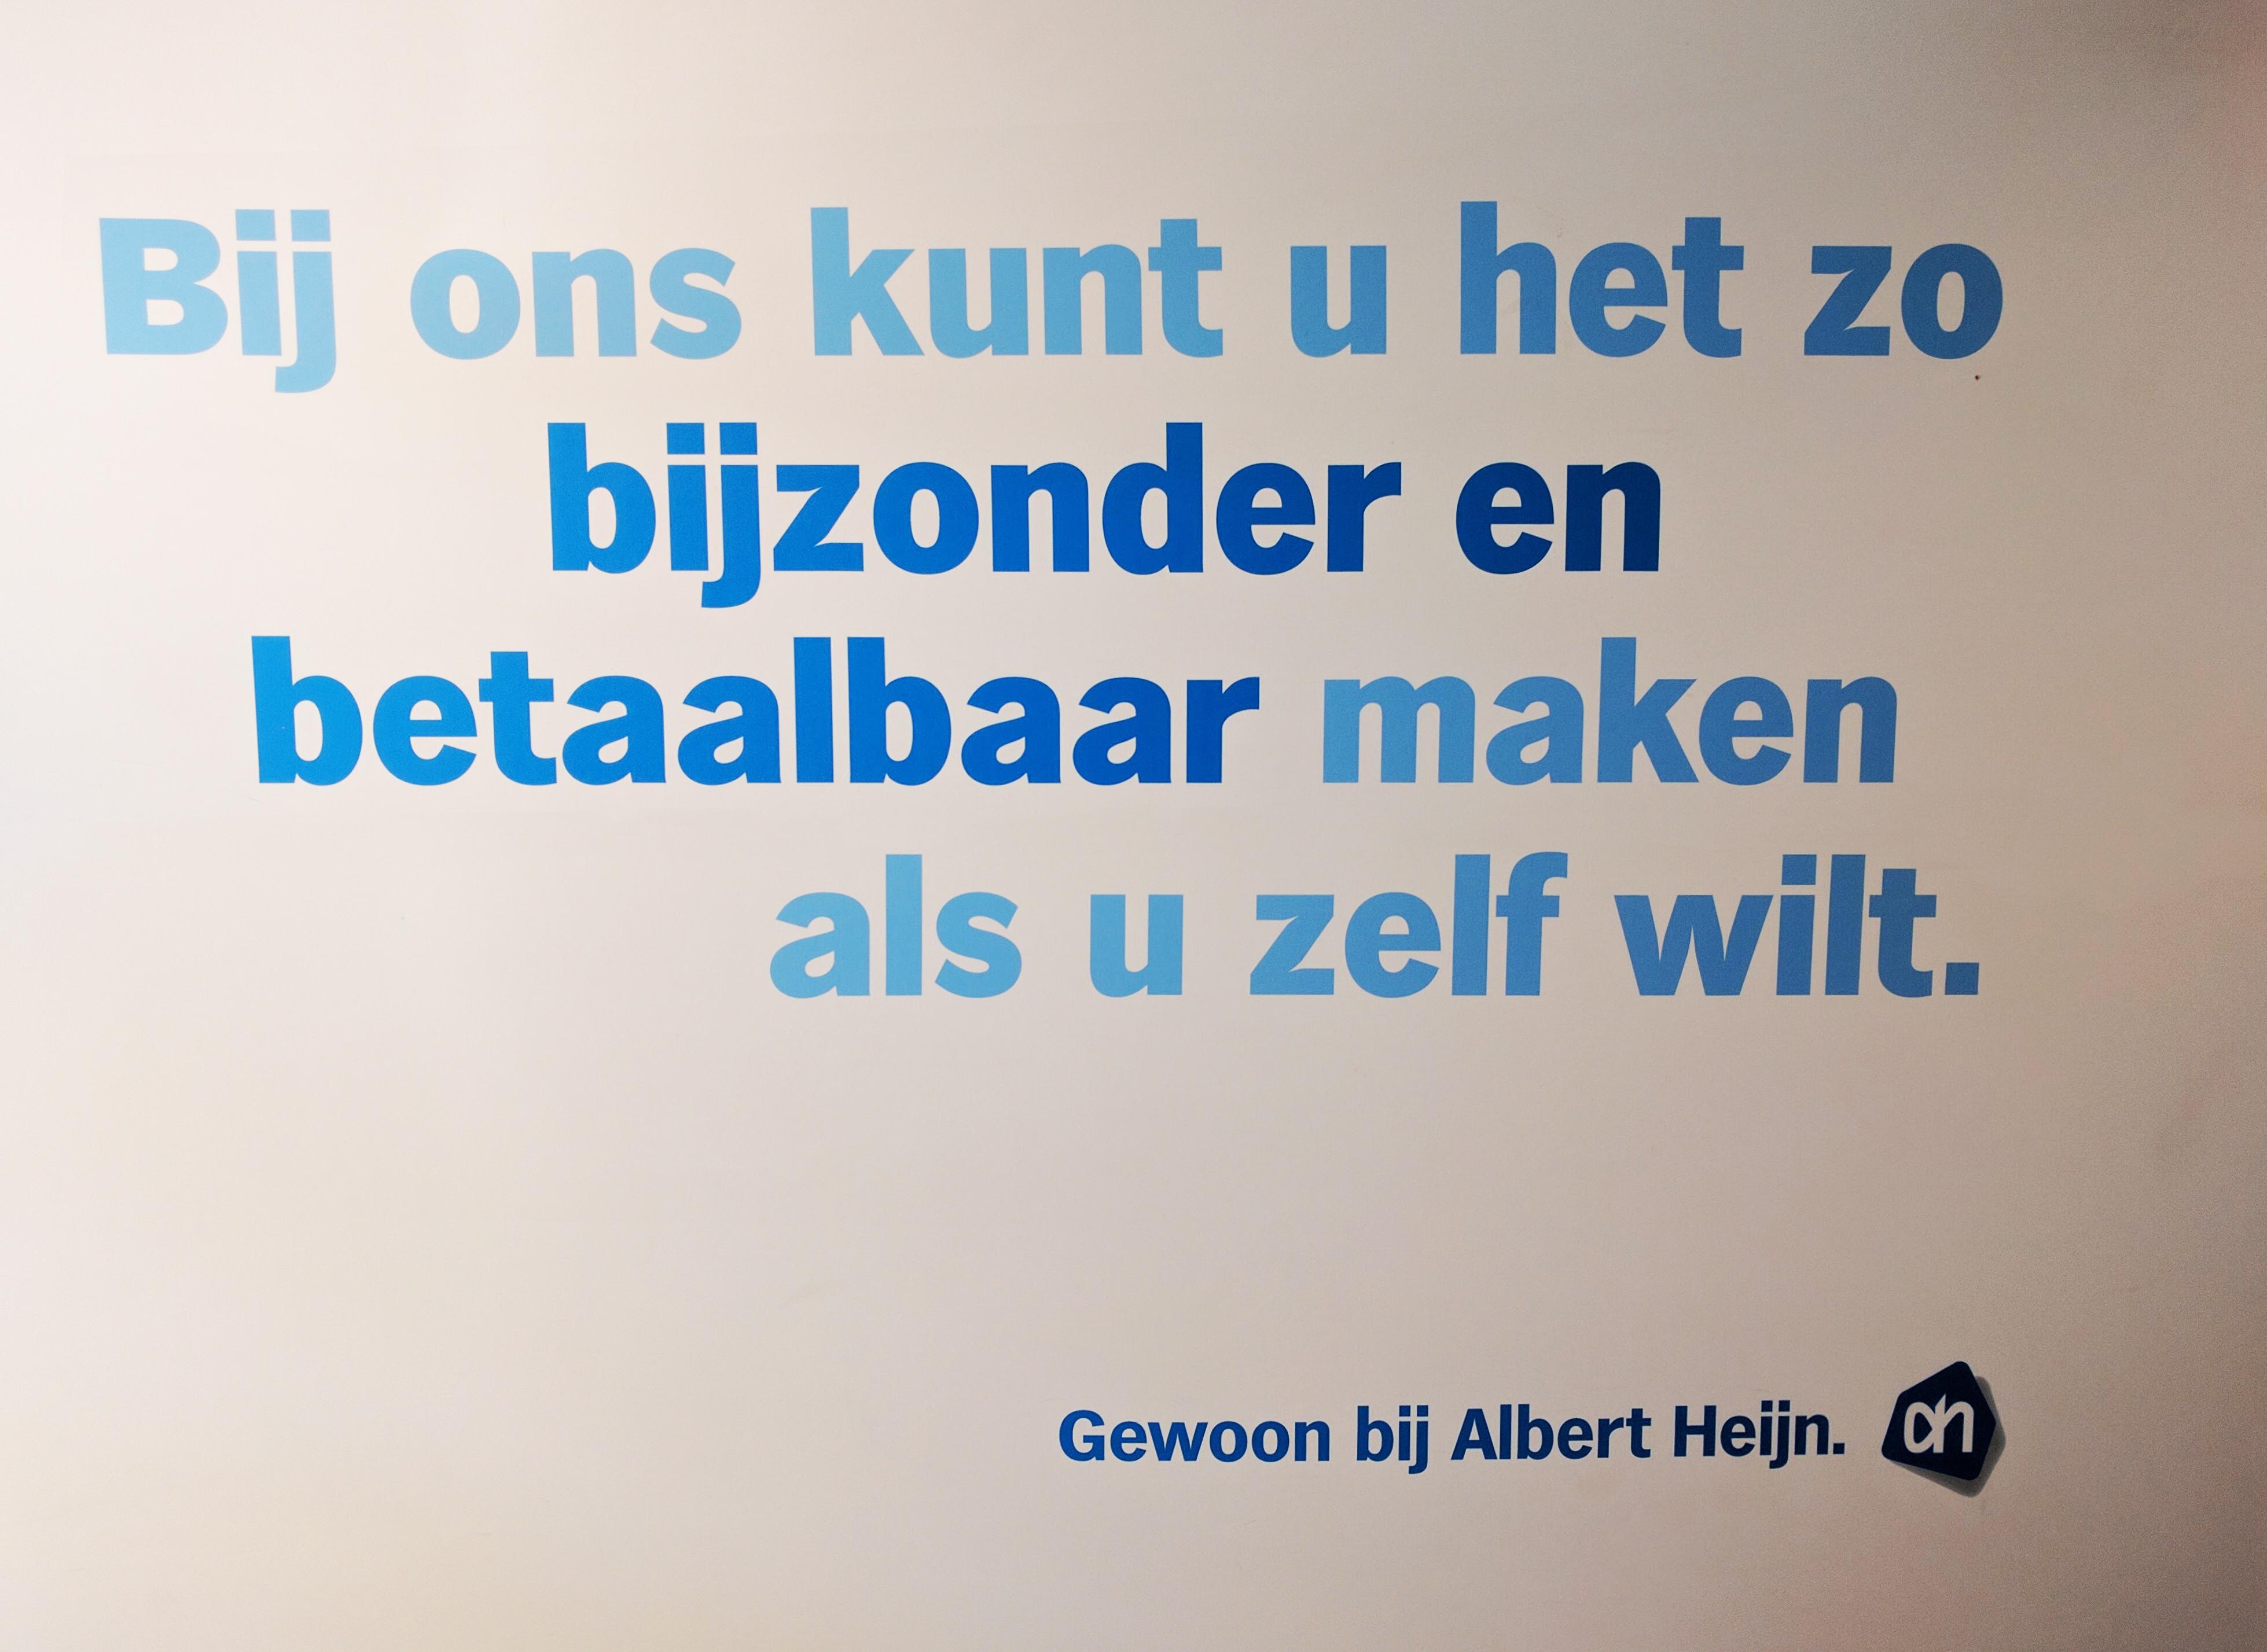 Albert_Heijn_Zandlopermodel_Letstalkbranding